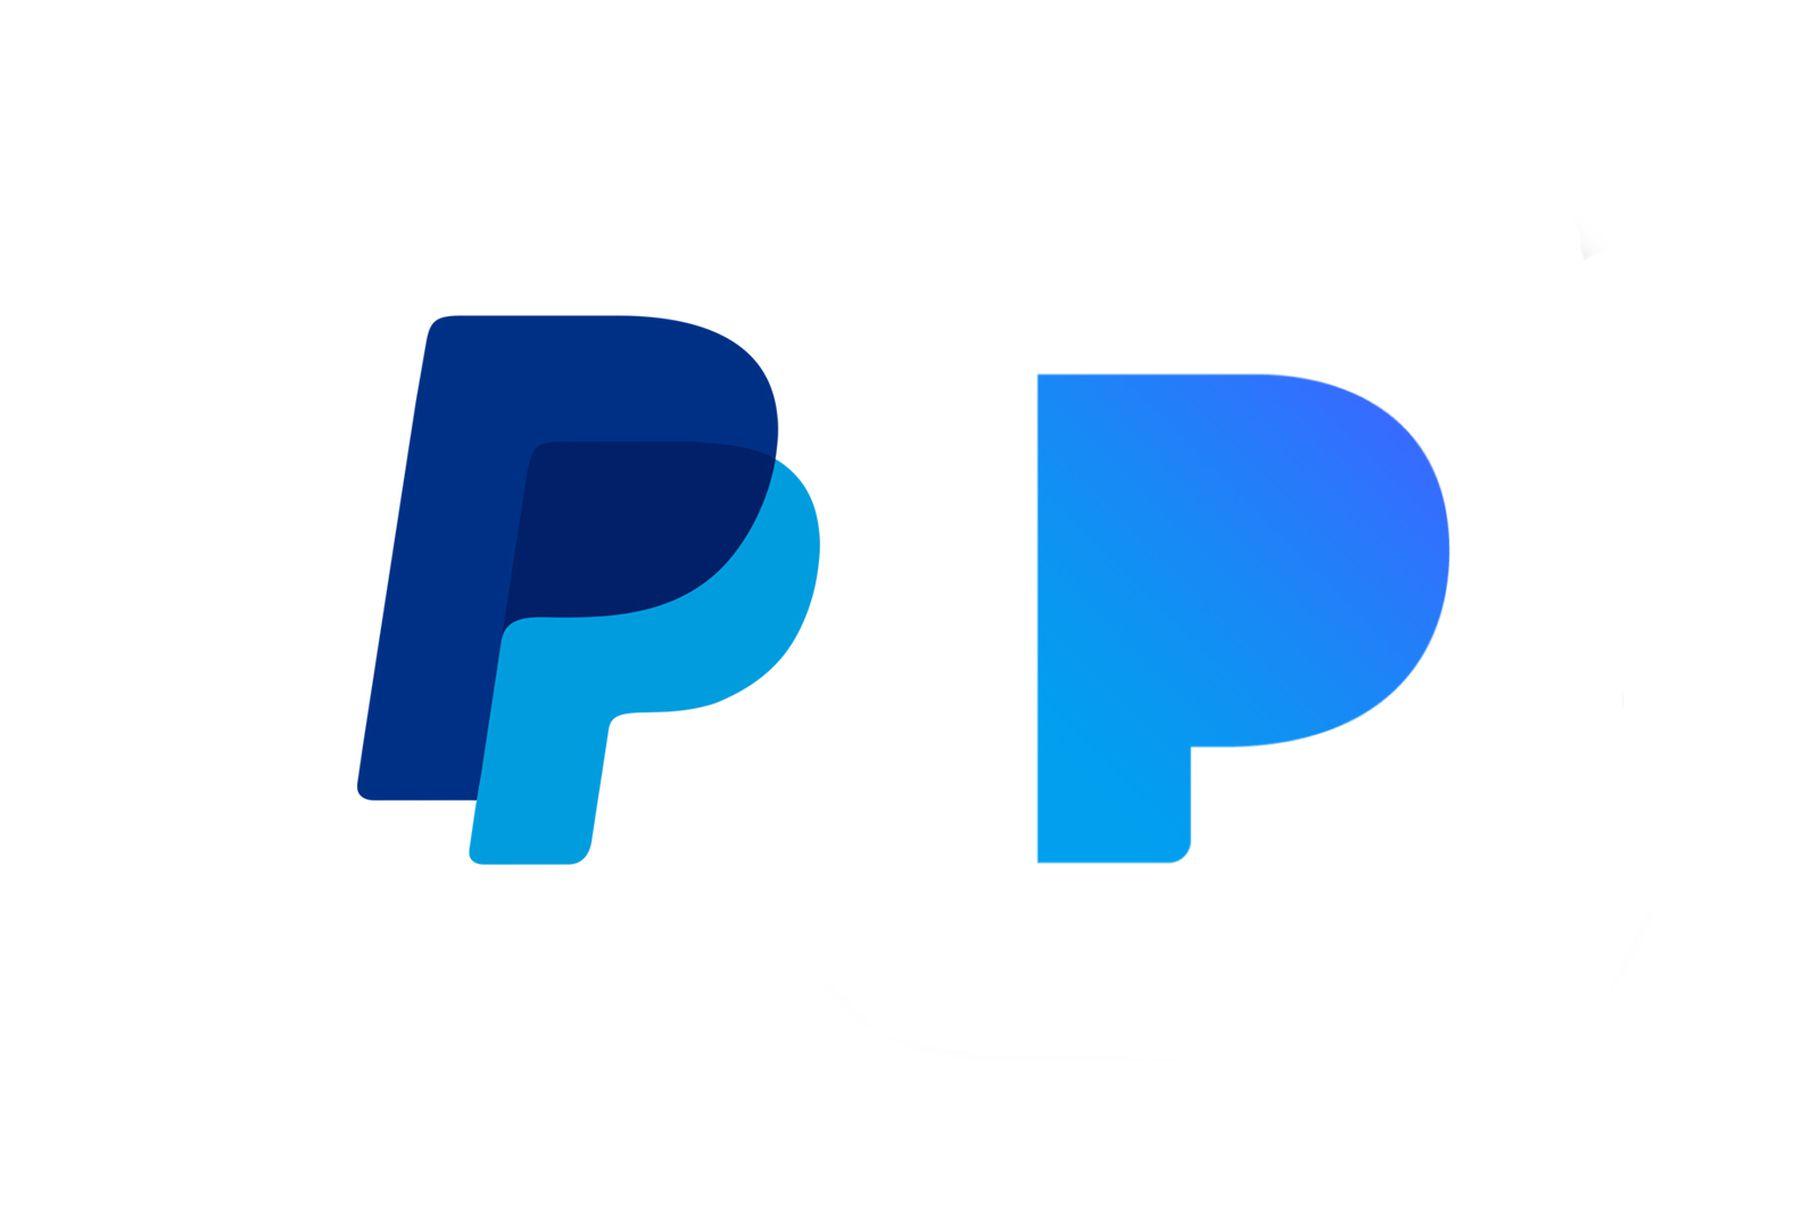 pandora_paypal_logo_battle.0.jpg